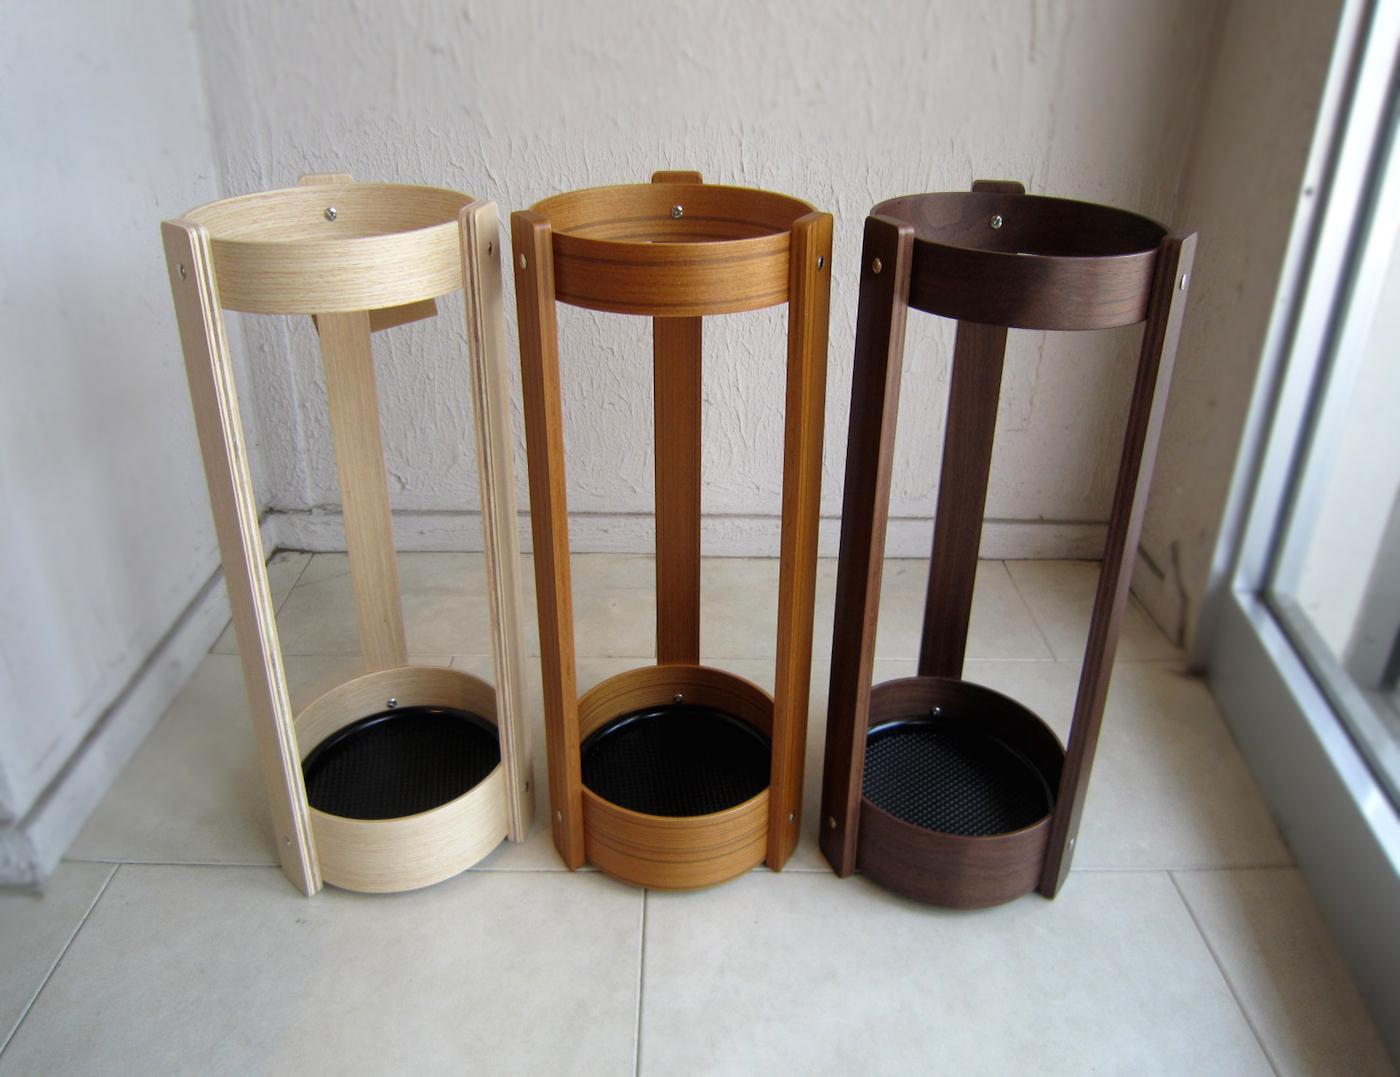 玄関先のインテリアとして取り入れたい☆木製の傘立てを紹介します☆のサムネイル画像